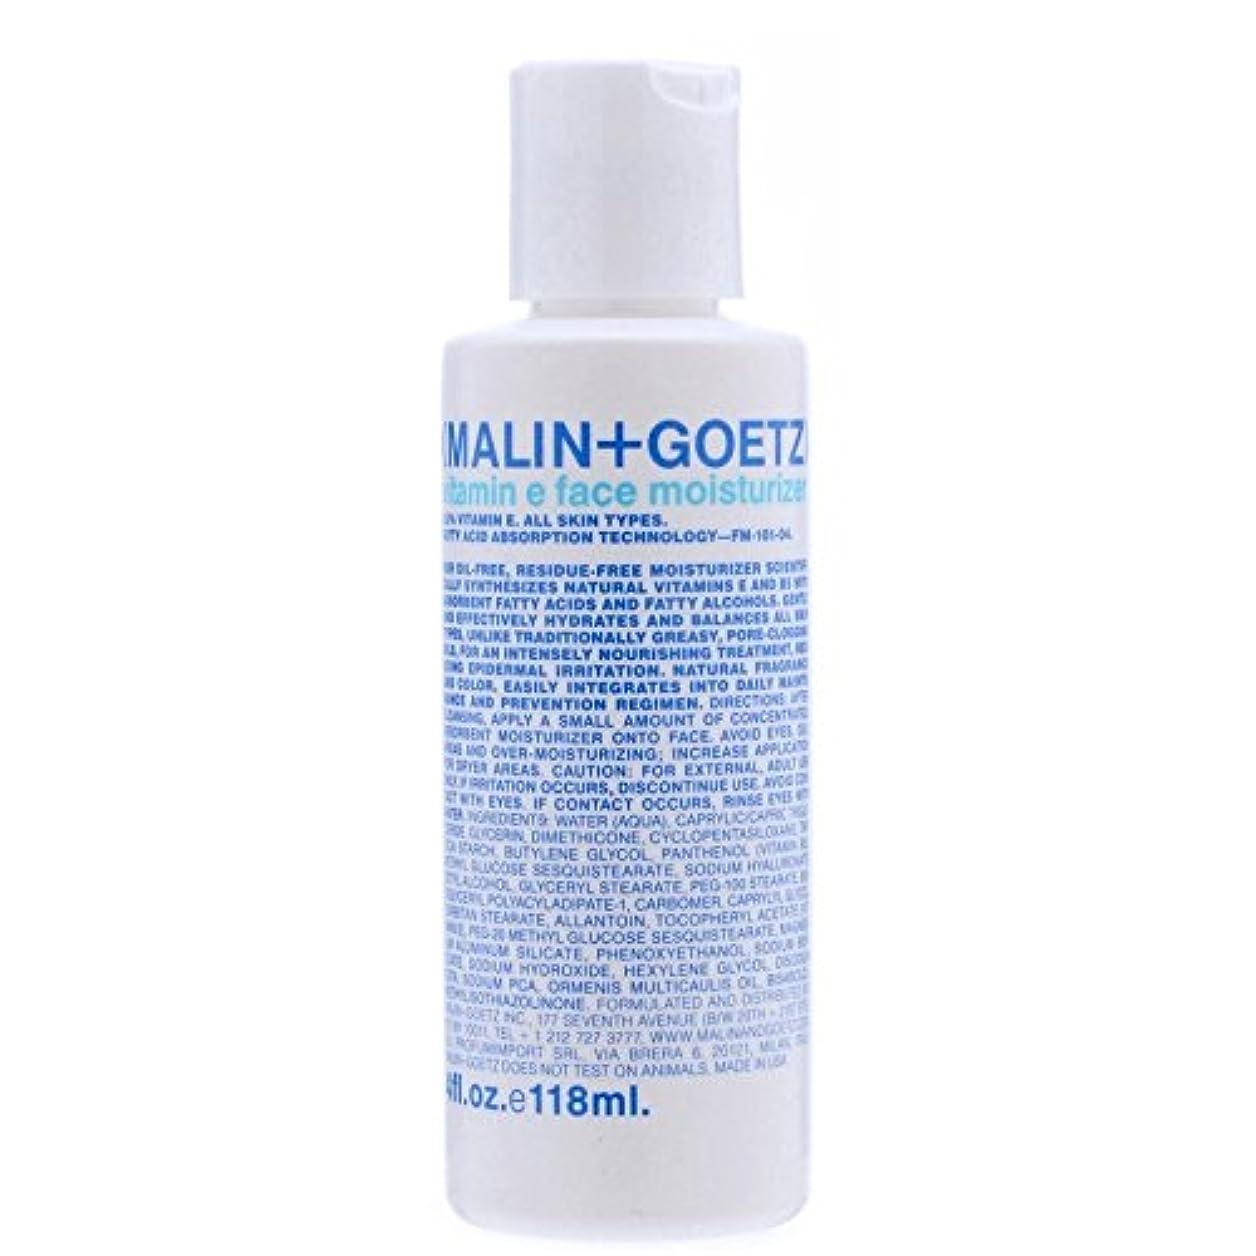 契約した脚本贅沢マリン+ゲッツビタミンの顔の保湿剤 x2 - MALIN+GOETZ Vitamin E Face Moisturiser (Pack of 2) [並行輸入品]